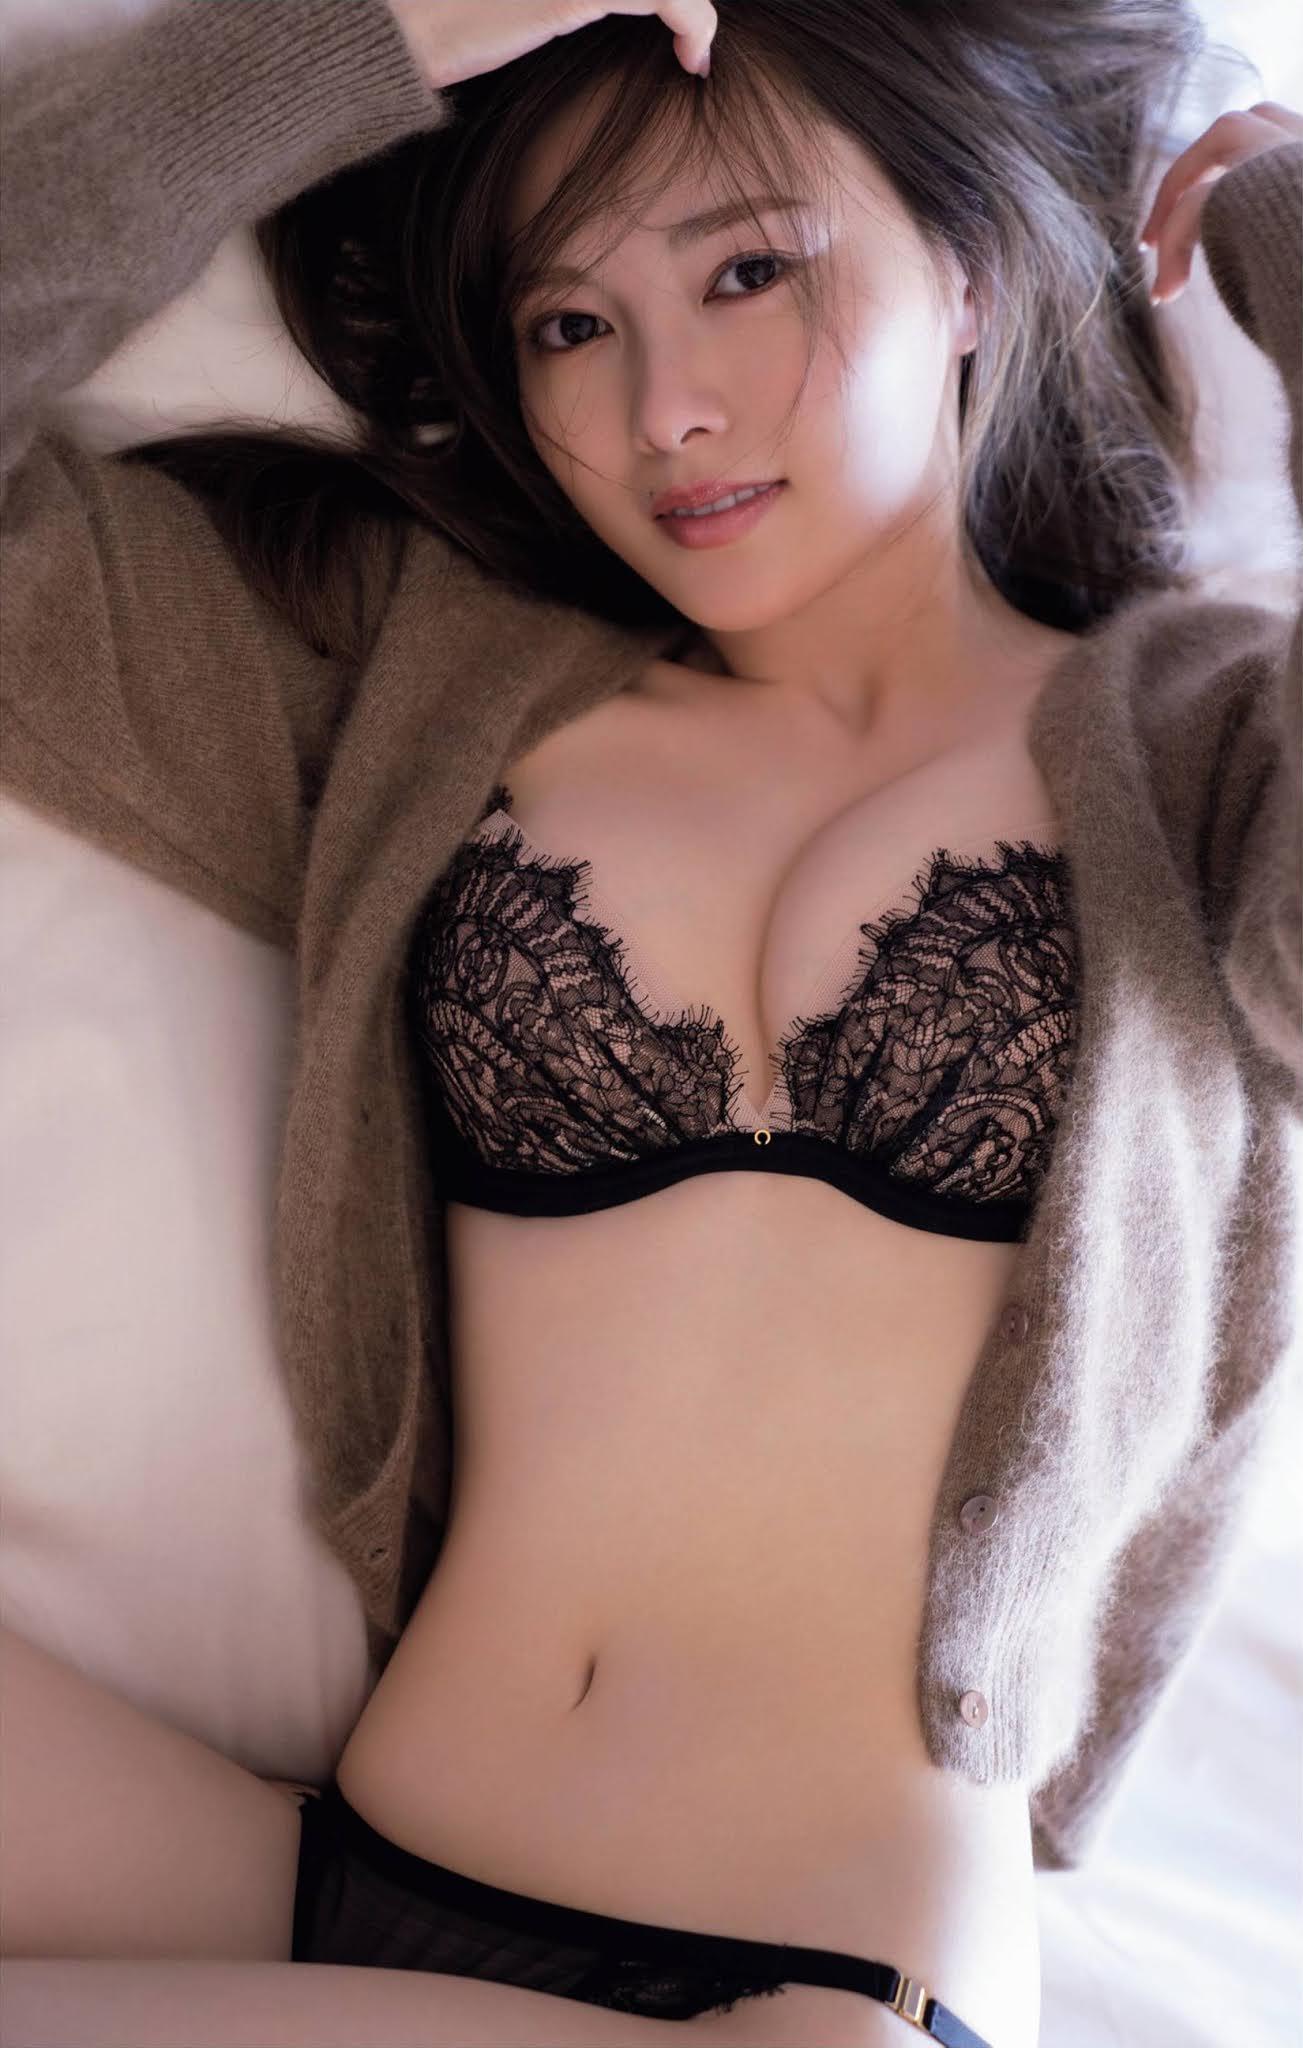 Sự nghiệp của nữ thần tượng Shiraishi Mai